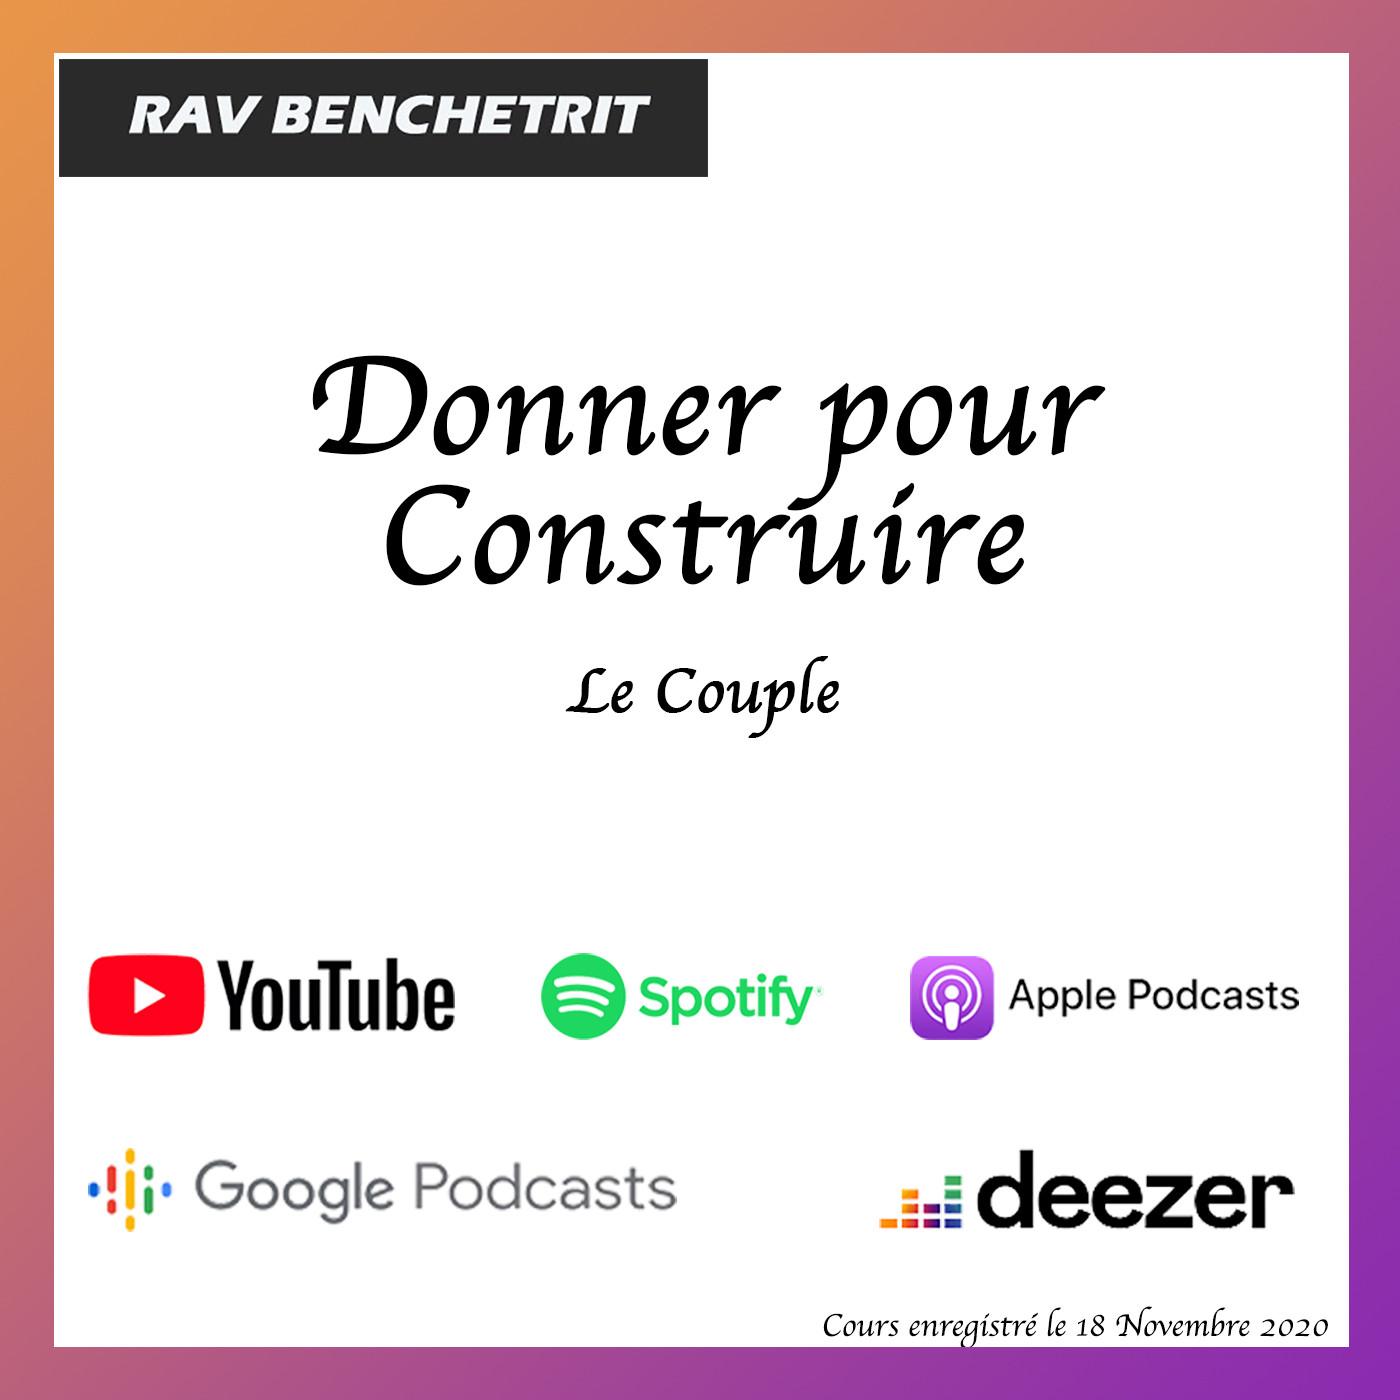 Couple :  Donner pour Construire